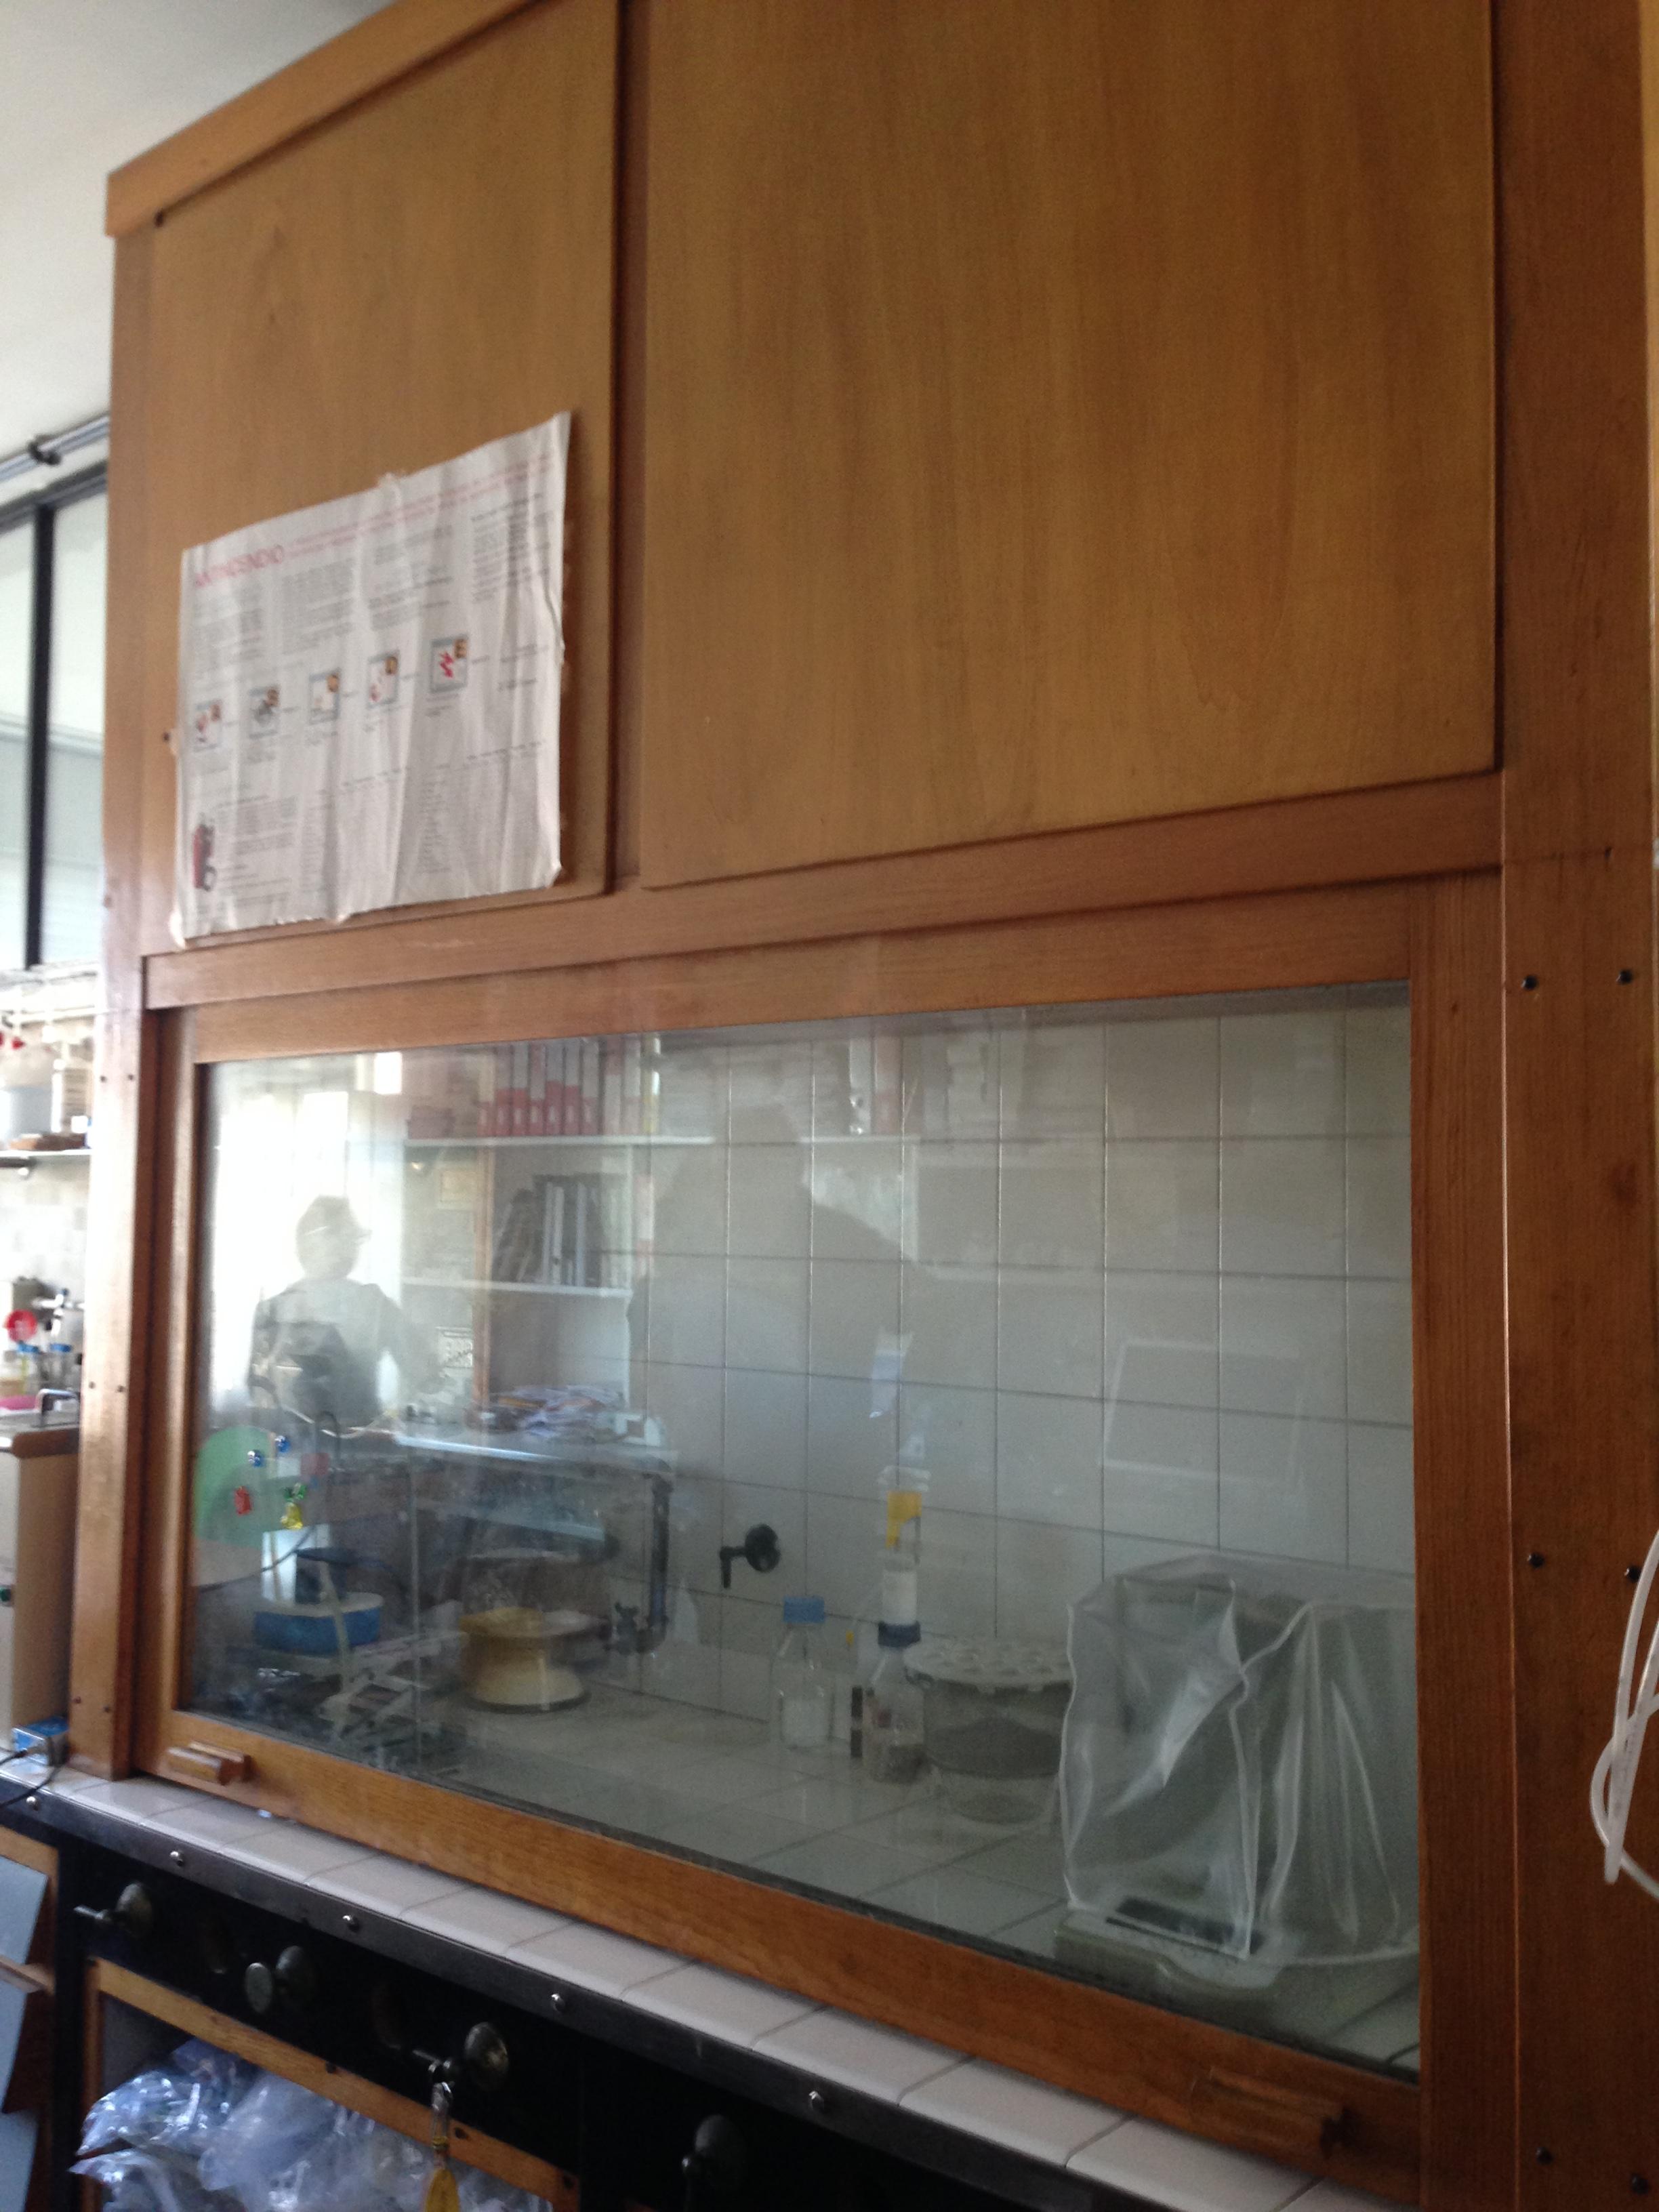 cappa chimica da laboratorio